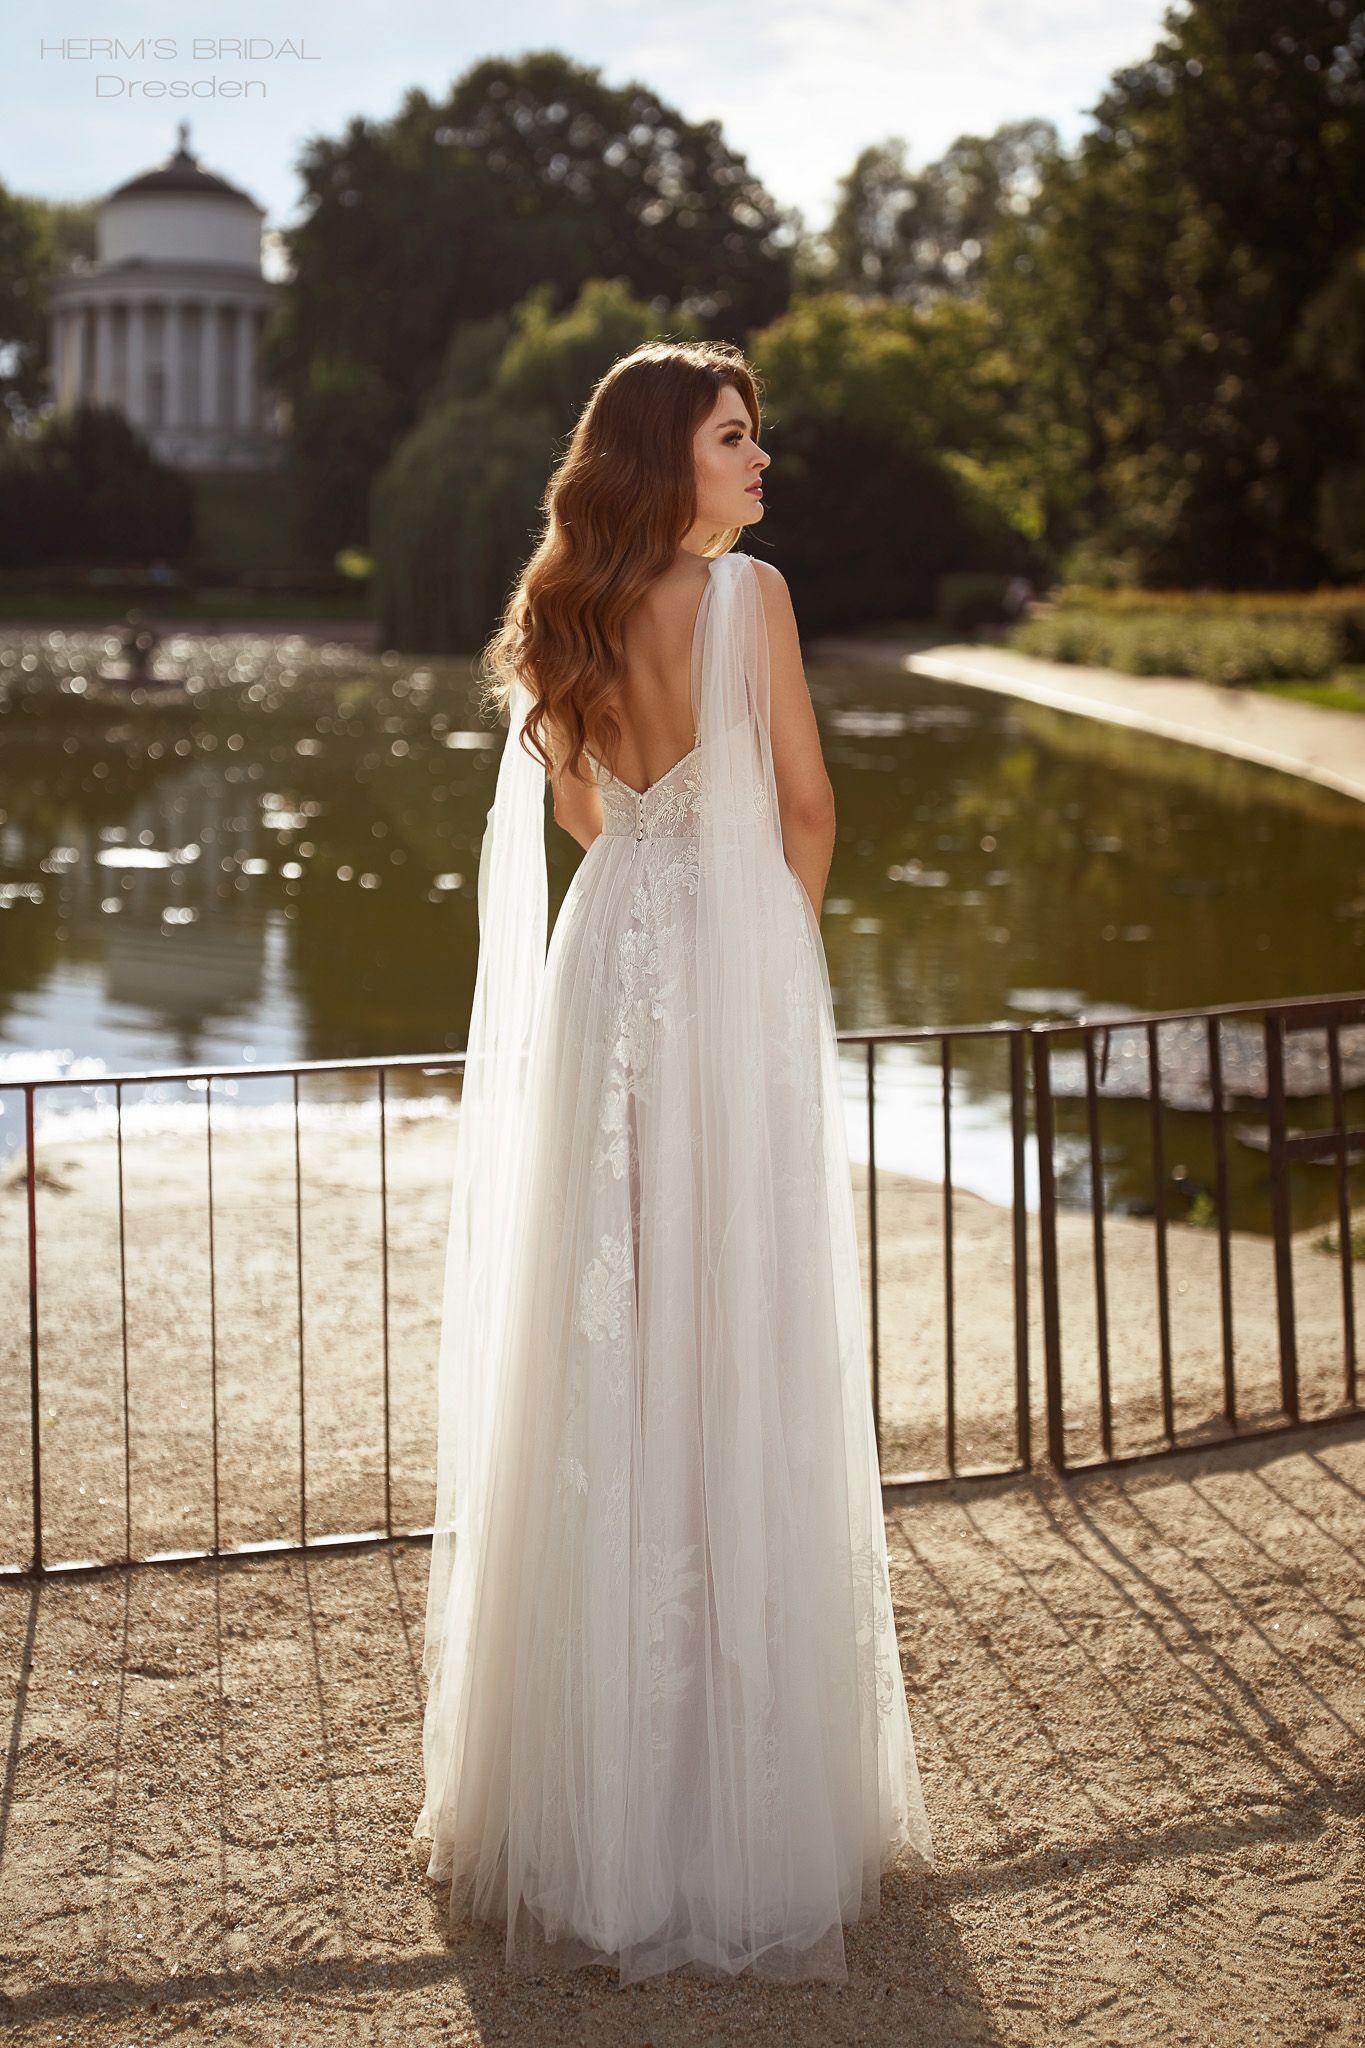 suknia slubna herms bridal Dresden 2